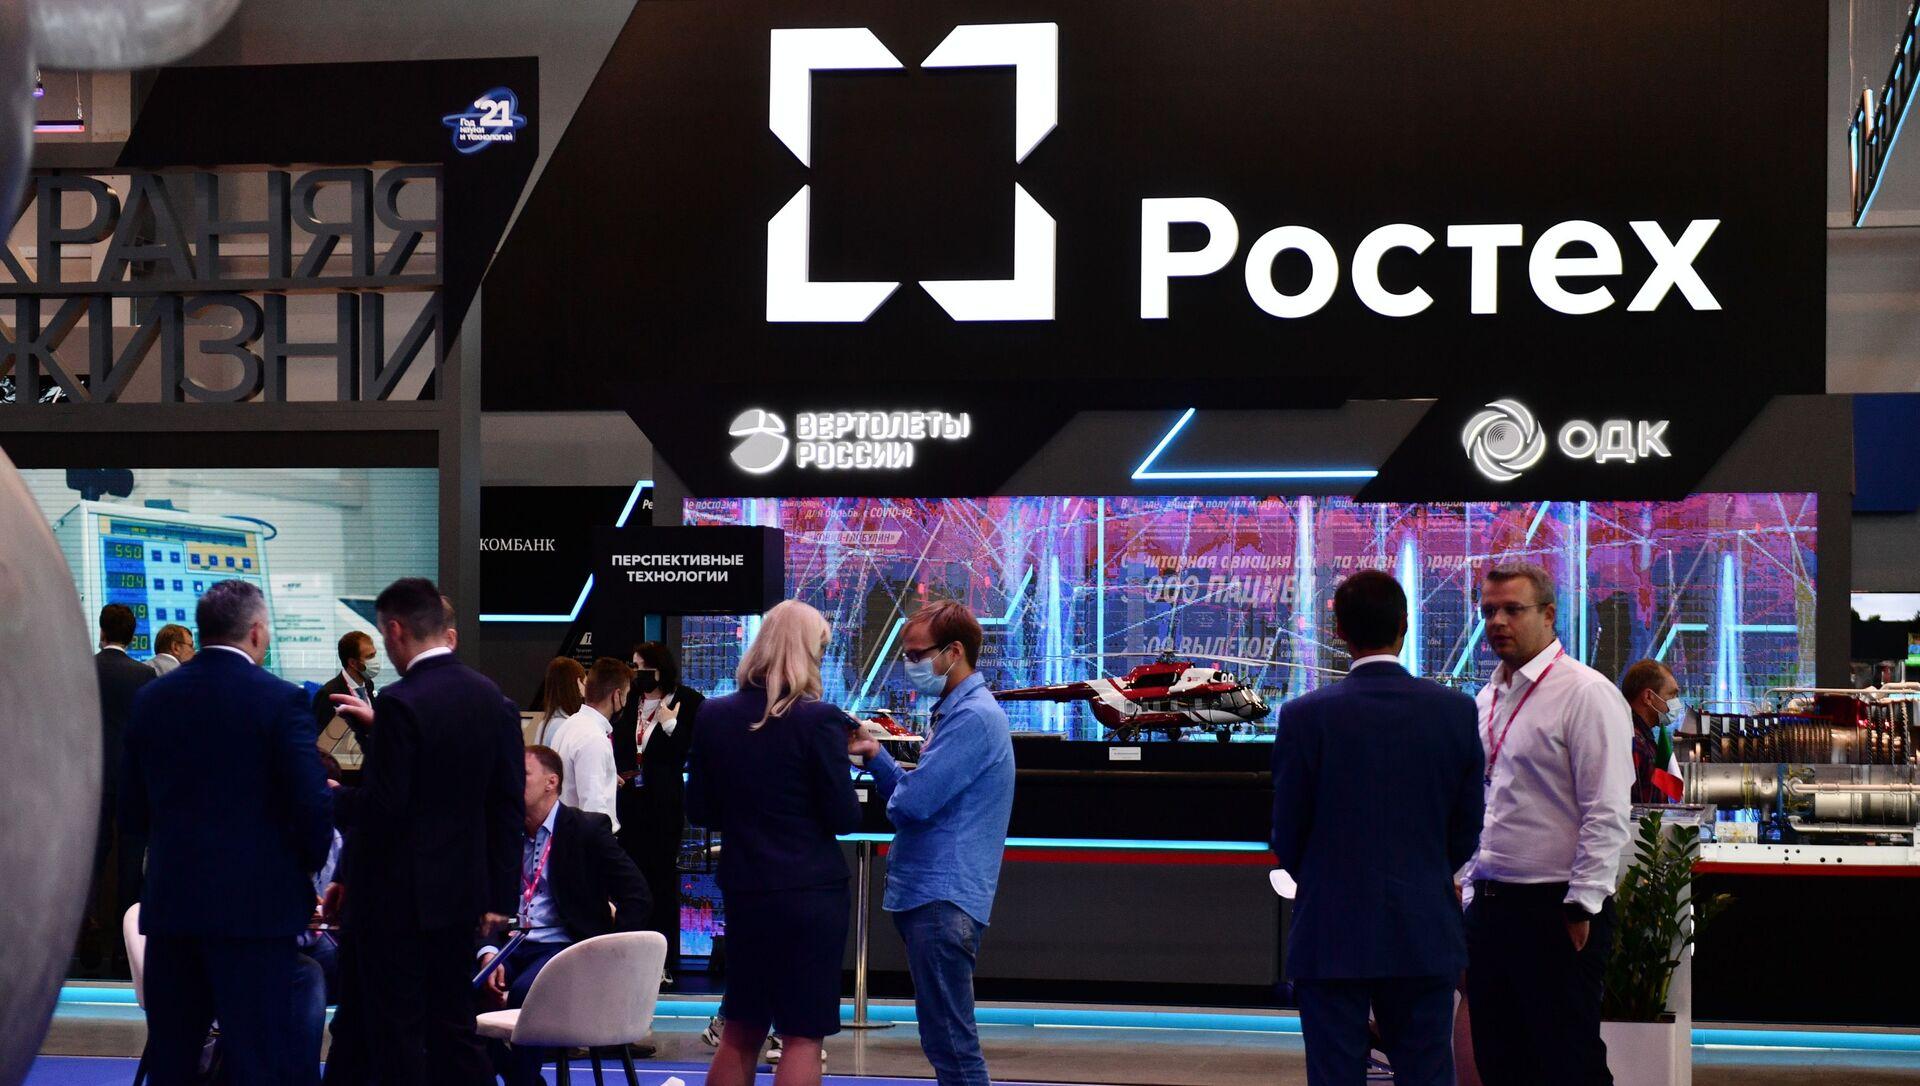 Chỗ đứng của tập đoàn nhà nước Rostec tại Triển lãm Công nghiệp Quốc tế Innoprom-2021 ở Yekaterinburg. - Sputnik Việt Nam, 1920, 19.08.2021